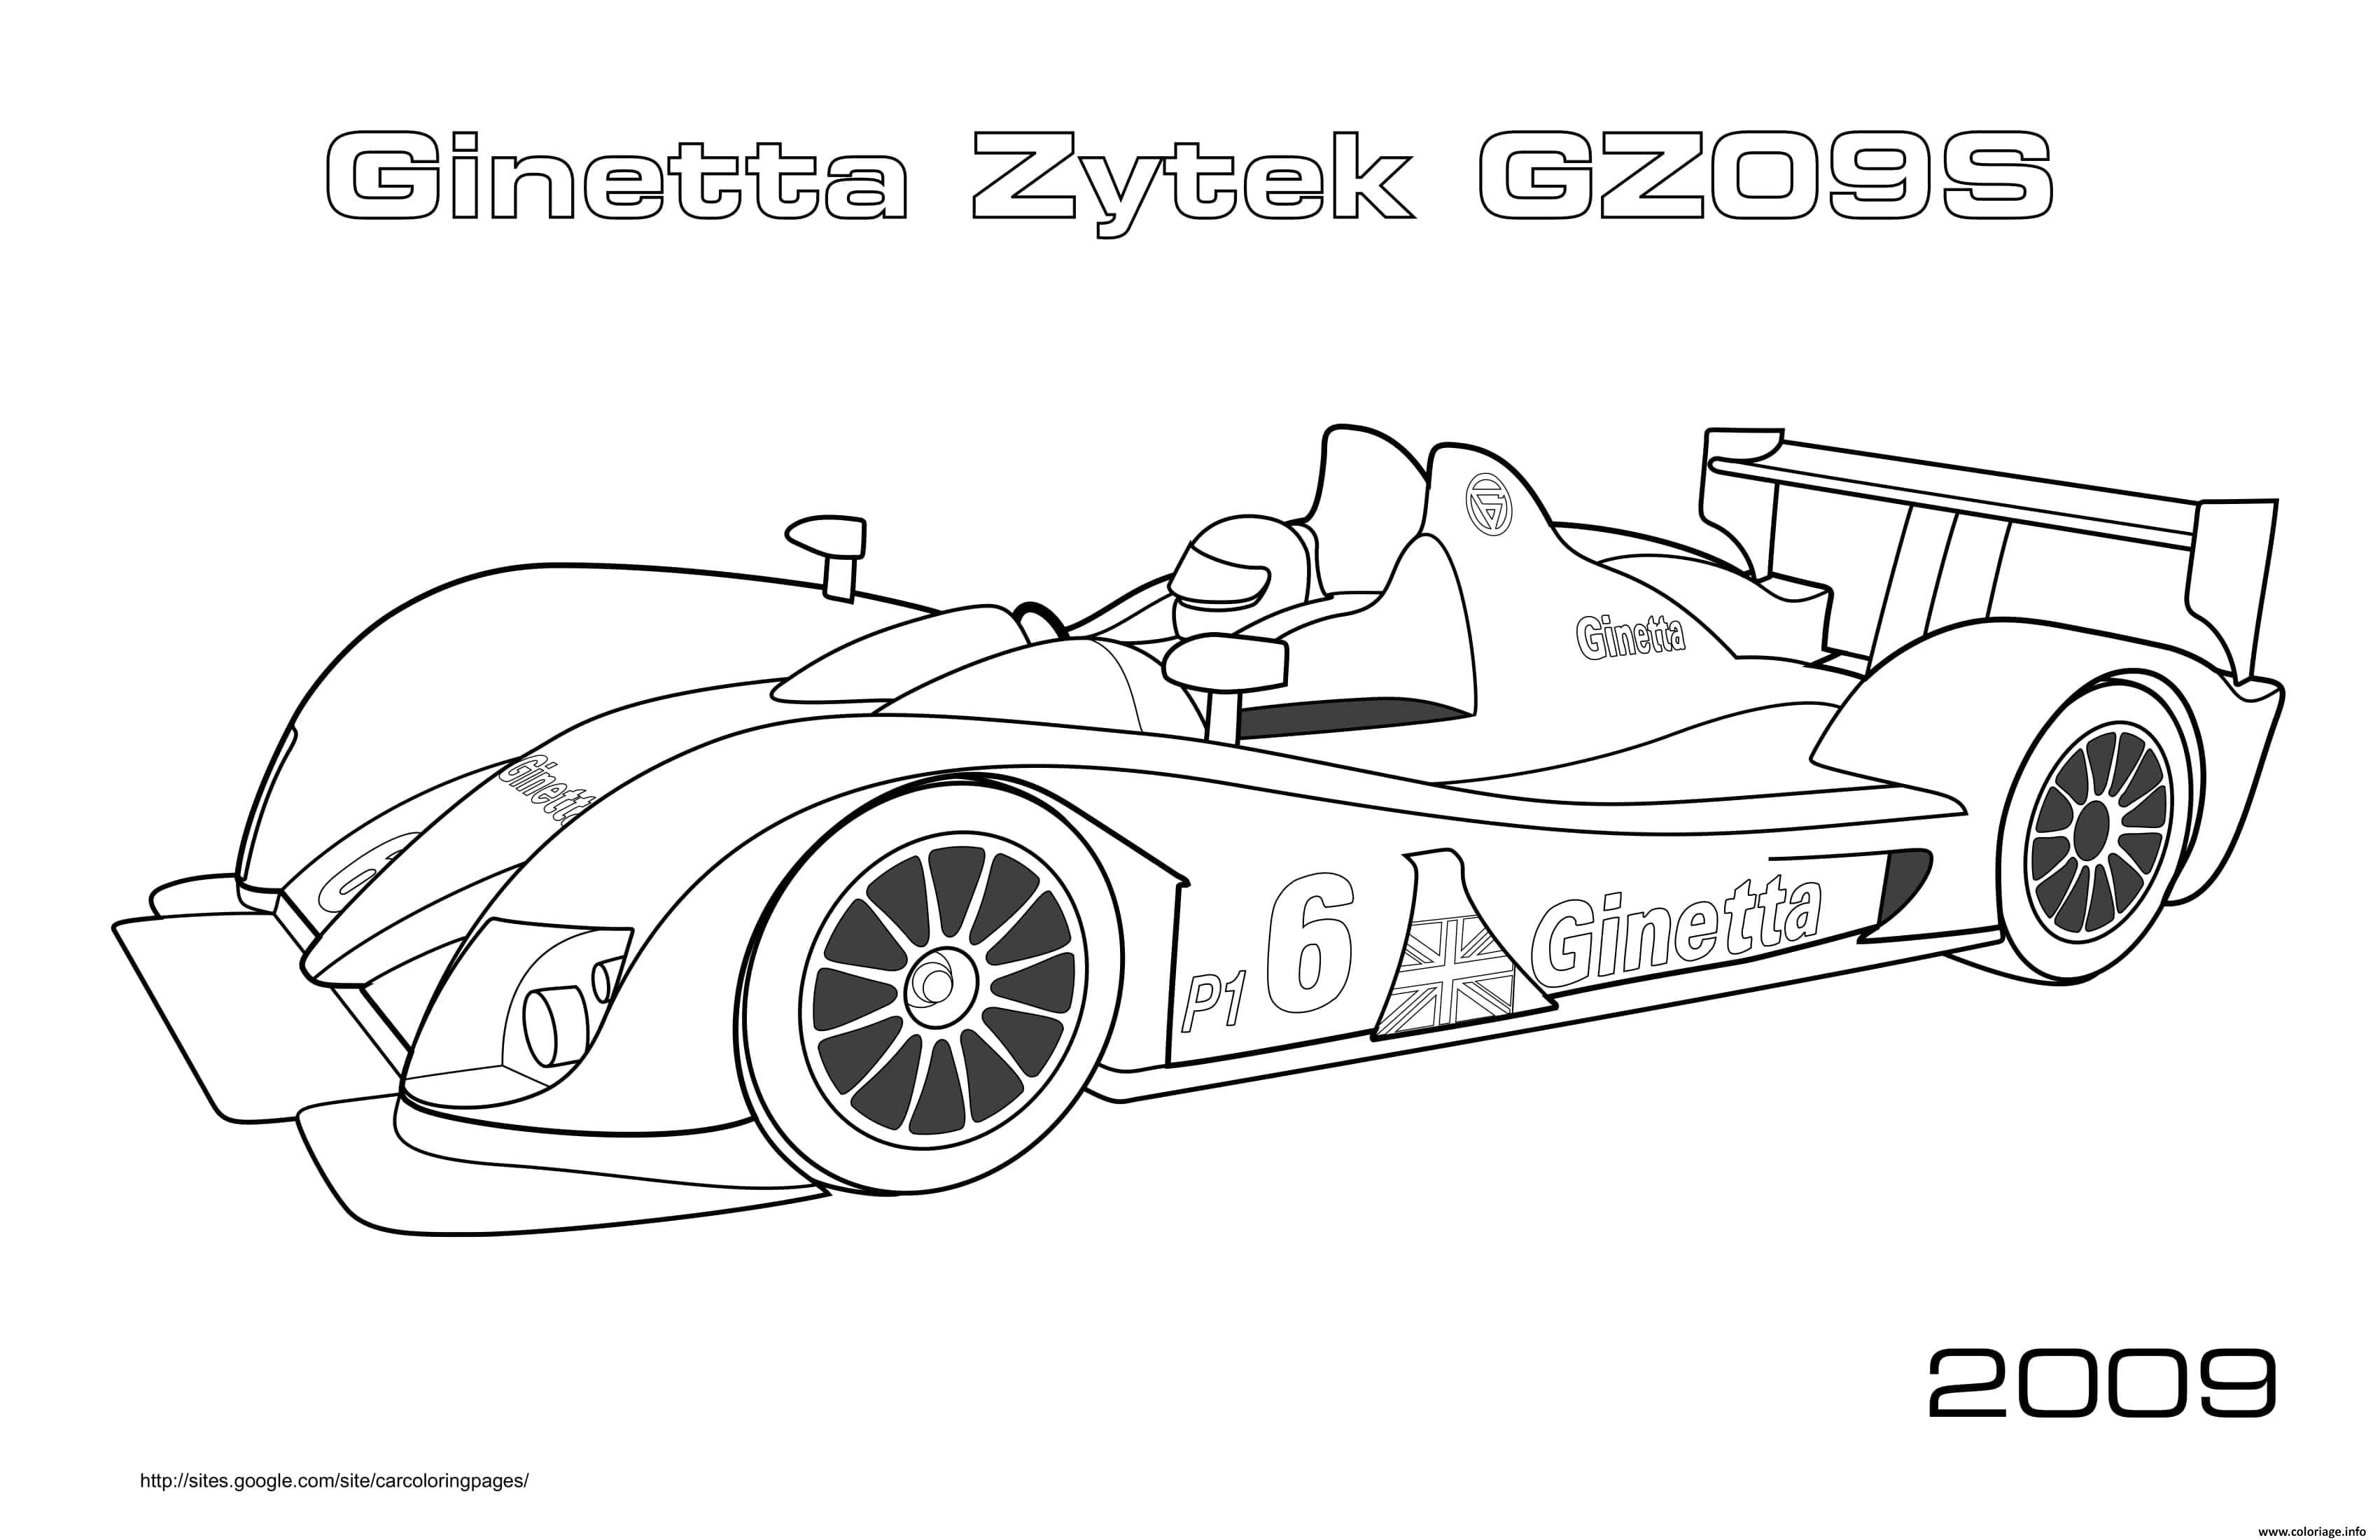 Dessin F1 Ginetta Zytek Gz09s 2009 Coloriage Gratuit à Imprimer